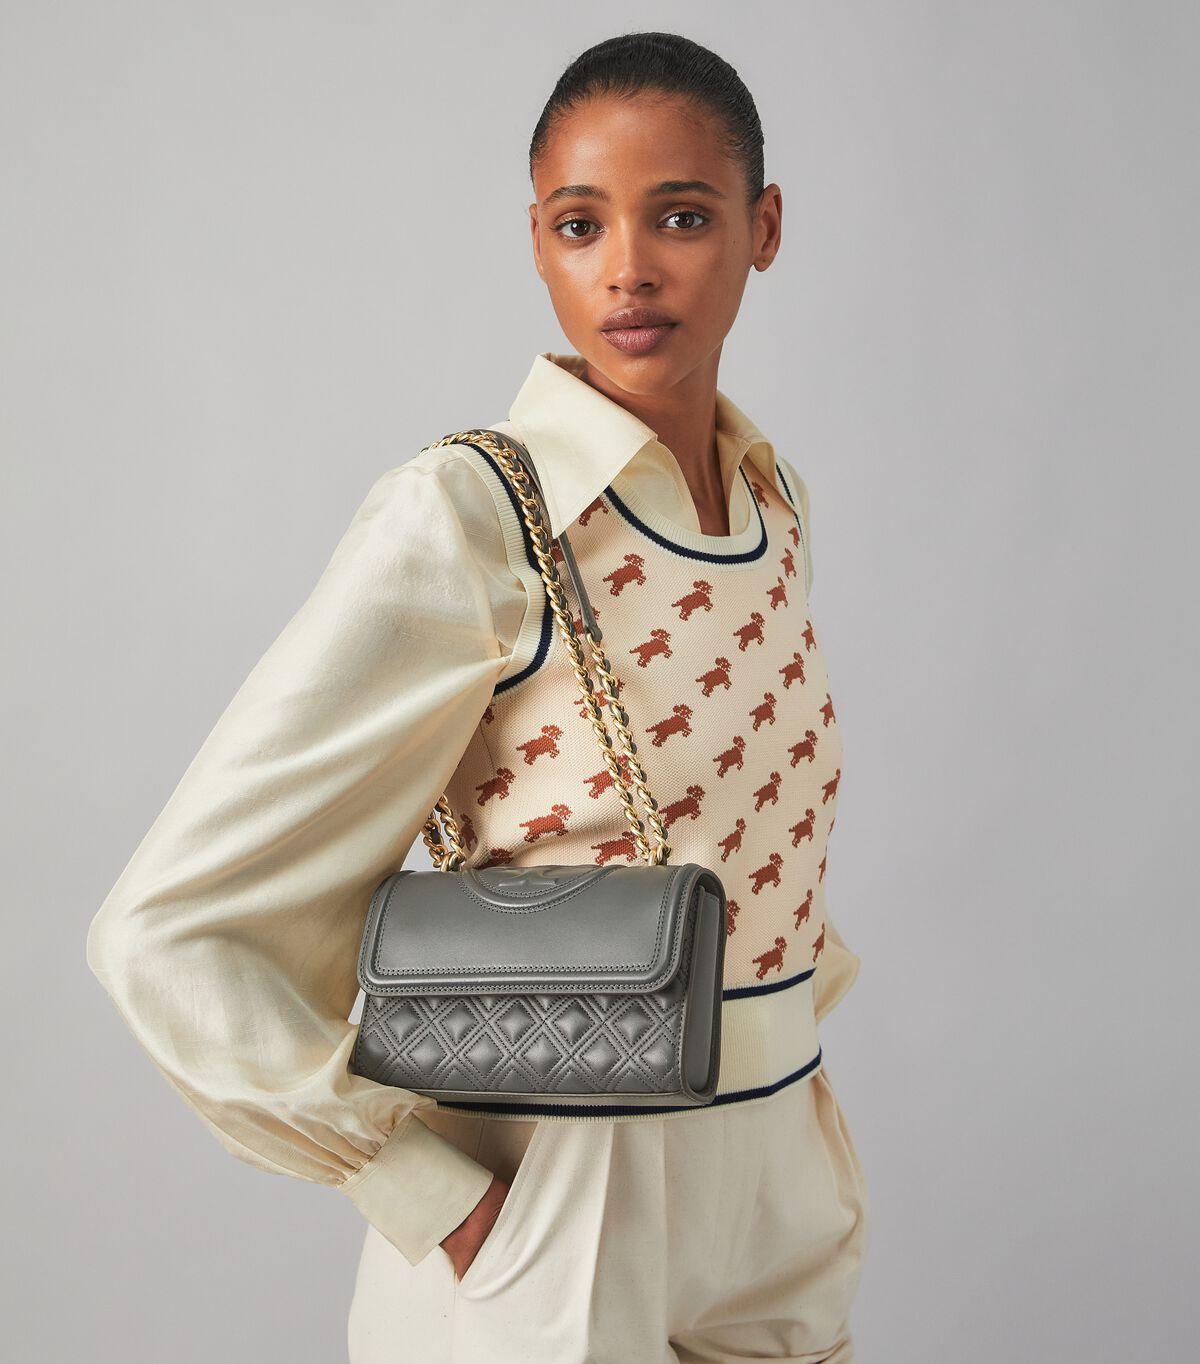 حقيبة فليمينغ كتف صغيرة قابلة للتحويل